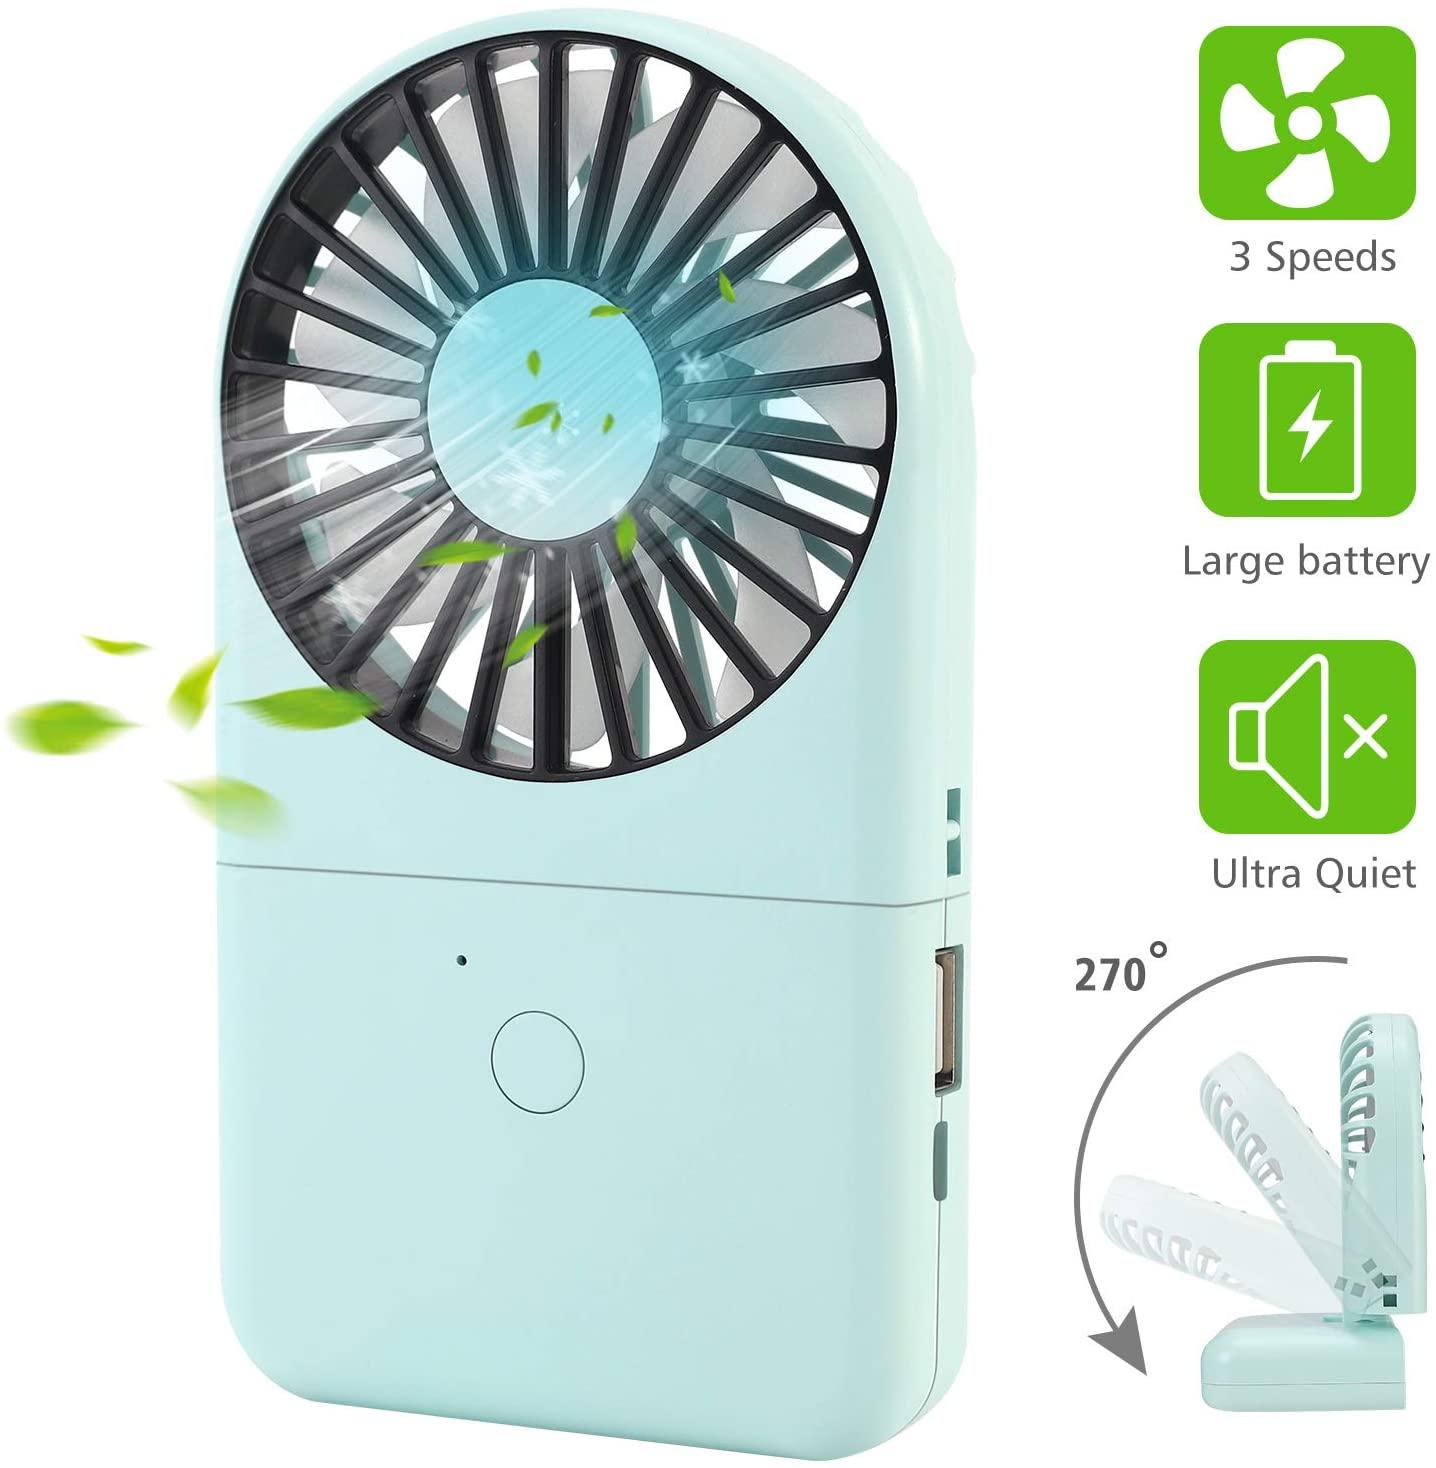 Portable Handheld Fan, Mini Personal Fan USB Rechargeable Battery Operated Fan, 3 Speed Desk Fan Small Foldable Neck Fan with Lanyard for Women Men Outdoor Travel Office Camping Room Car, Green